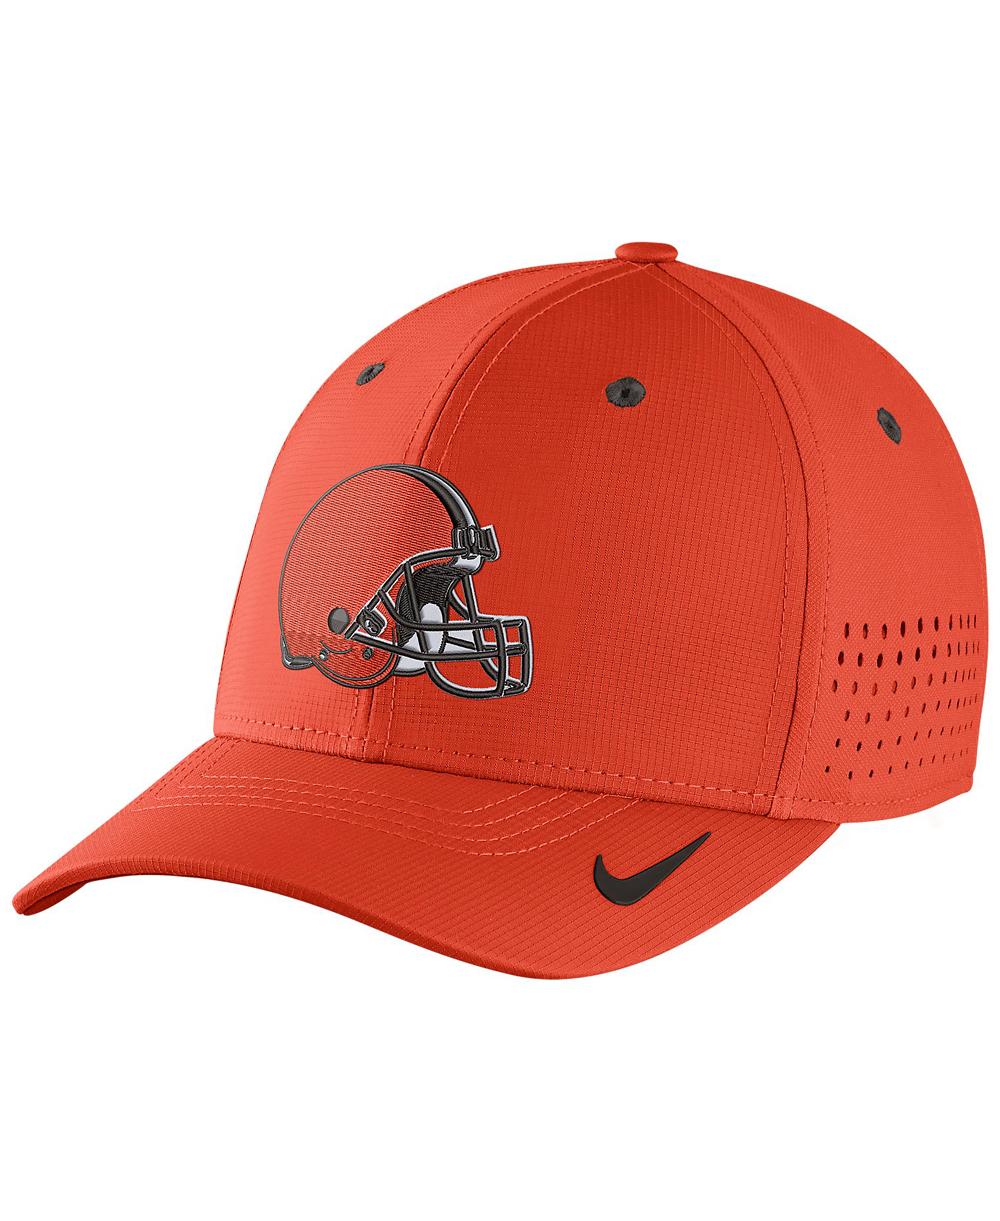 Herren Cap Legacy Vapor Swoosh Flex NFL Browns